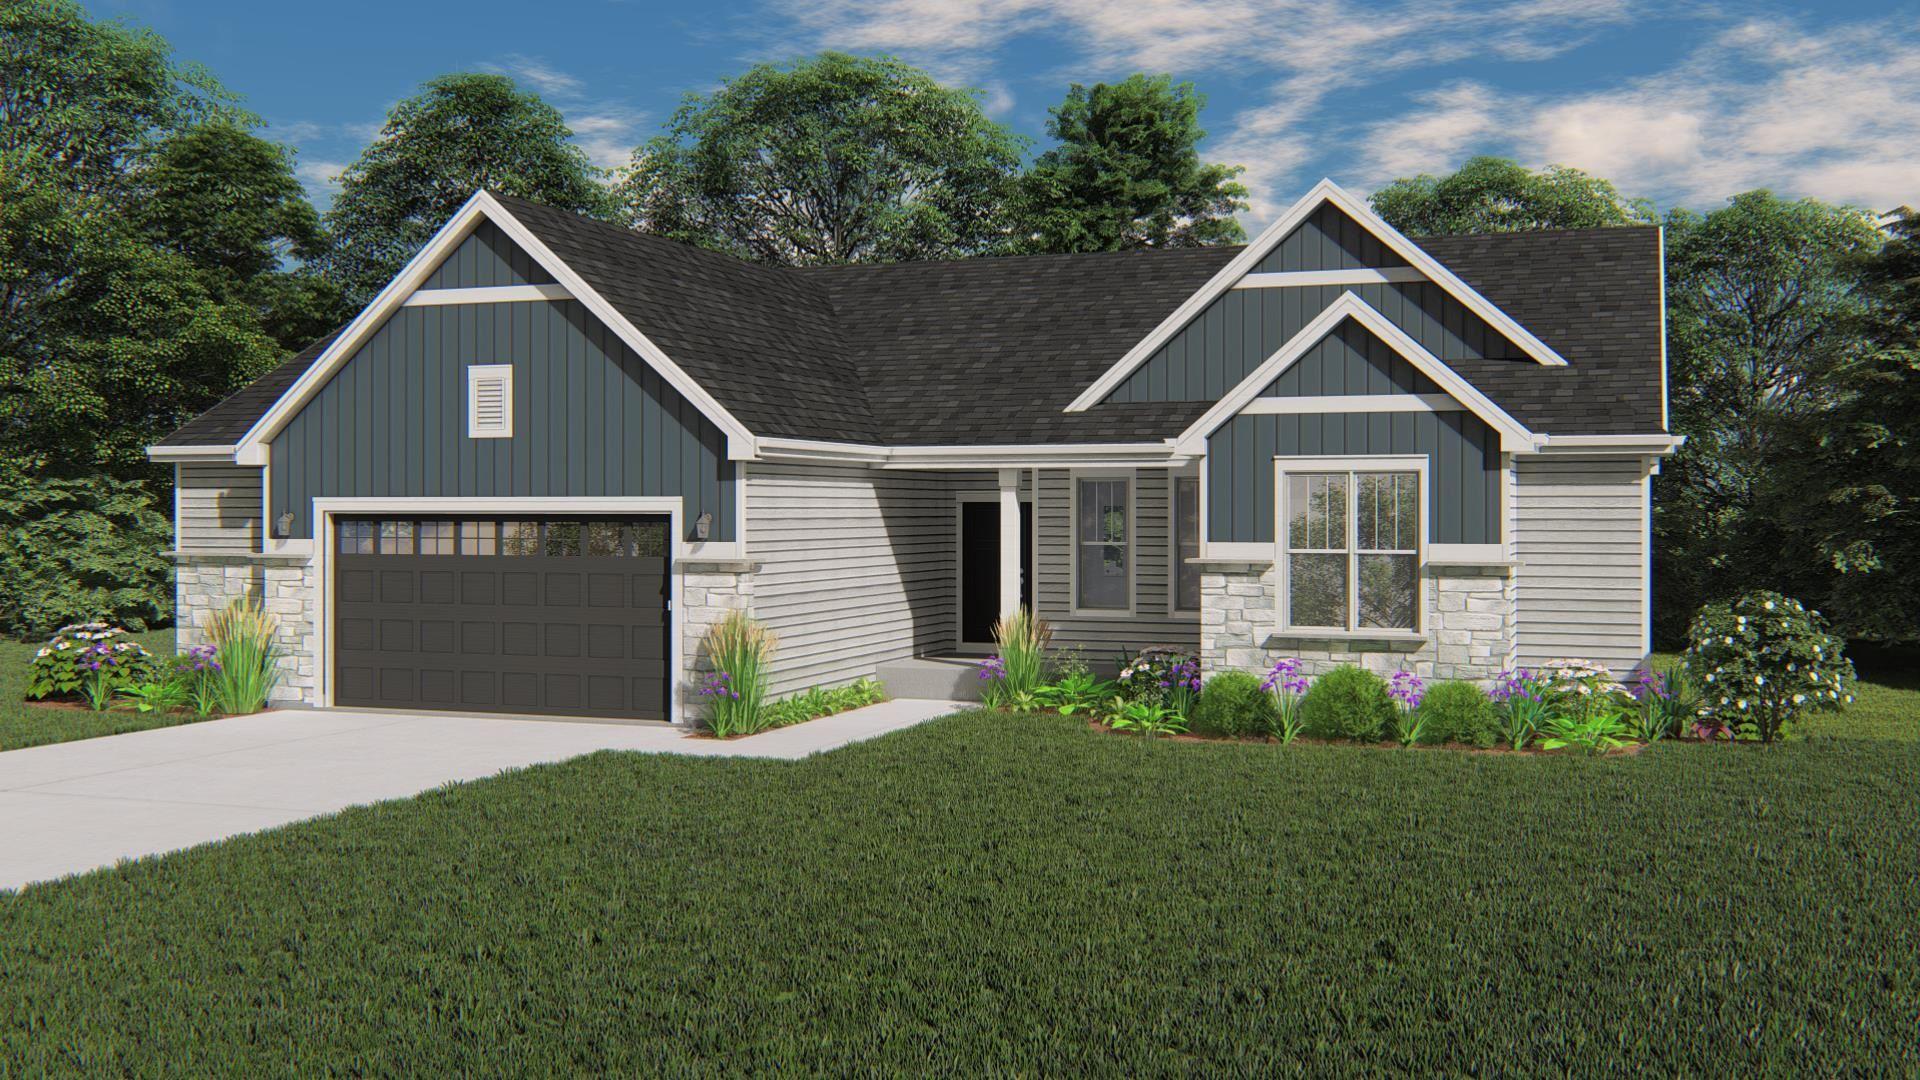 1515 N Thompson Rd, Sun Prairie, WI 53590 - #: 1920554